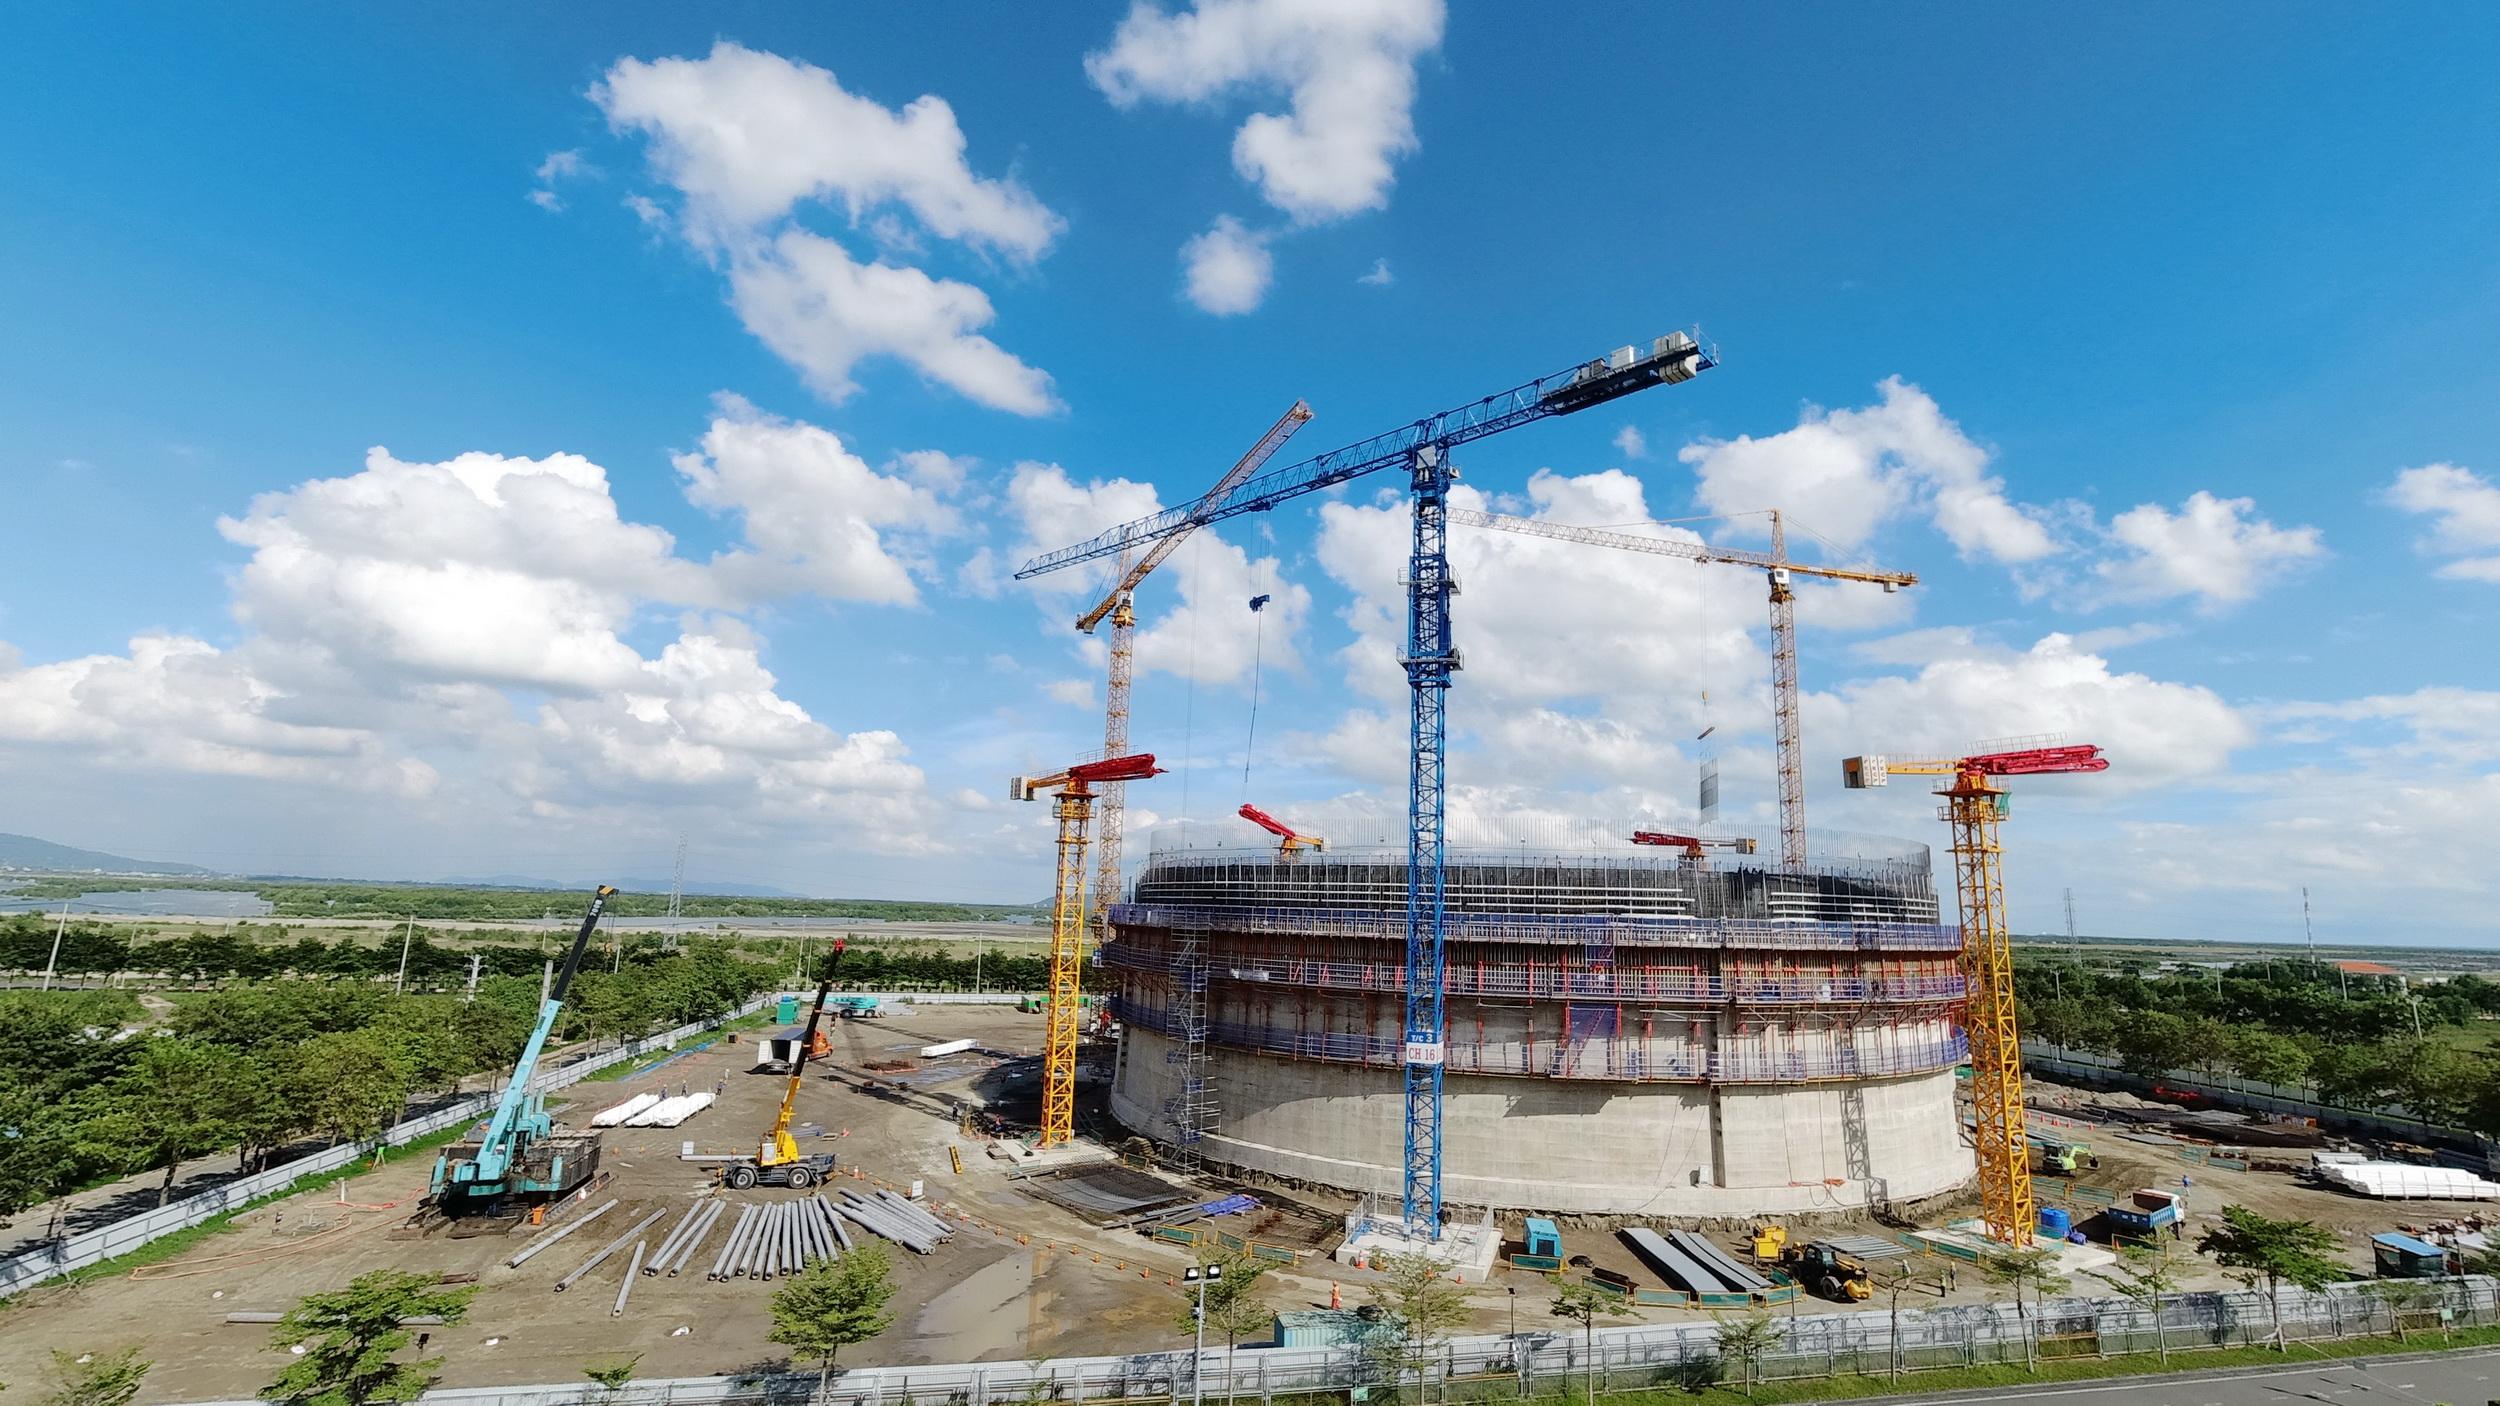 Dự án Kho cảng LNG Thị Vải – công trình nổi bật của PV GAS năm 2020 đang đẩy nhanh tiến độ thực hiện